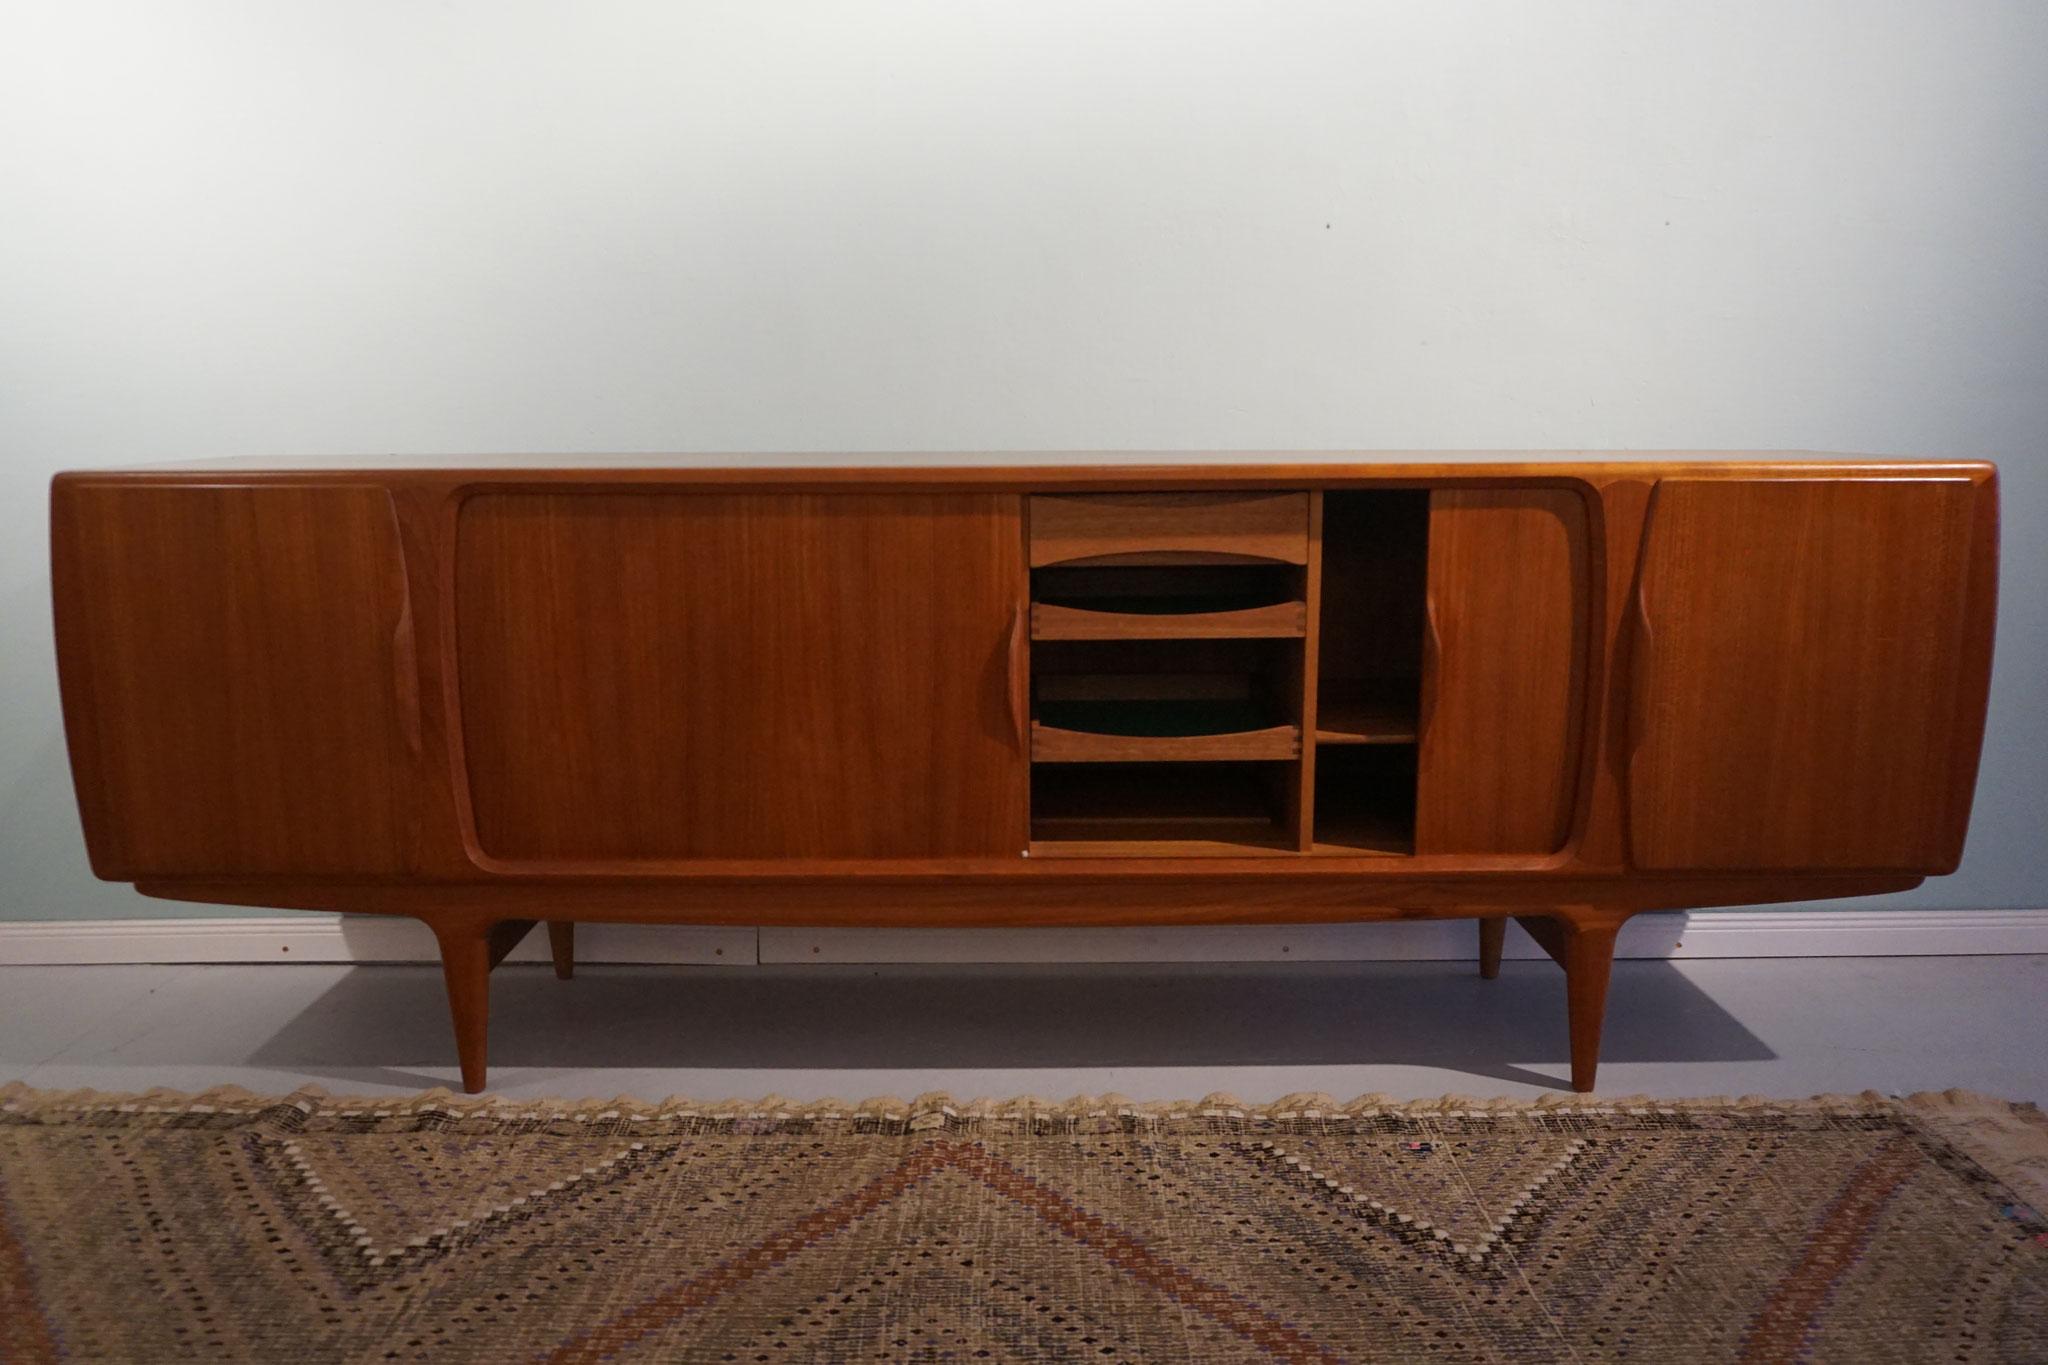 johannes andersen ankauf teak 60er 70er 50er the vintage store hamburg midcentury interior. Black Bedroom Furniture Sets. Home Design Ideas